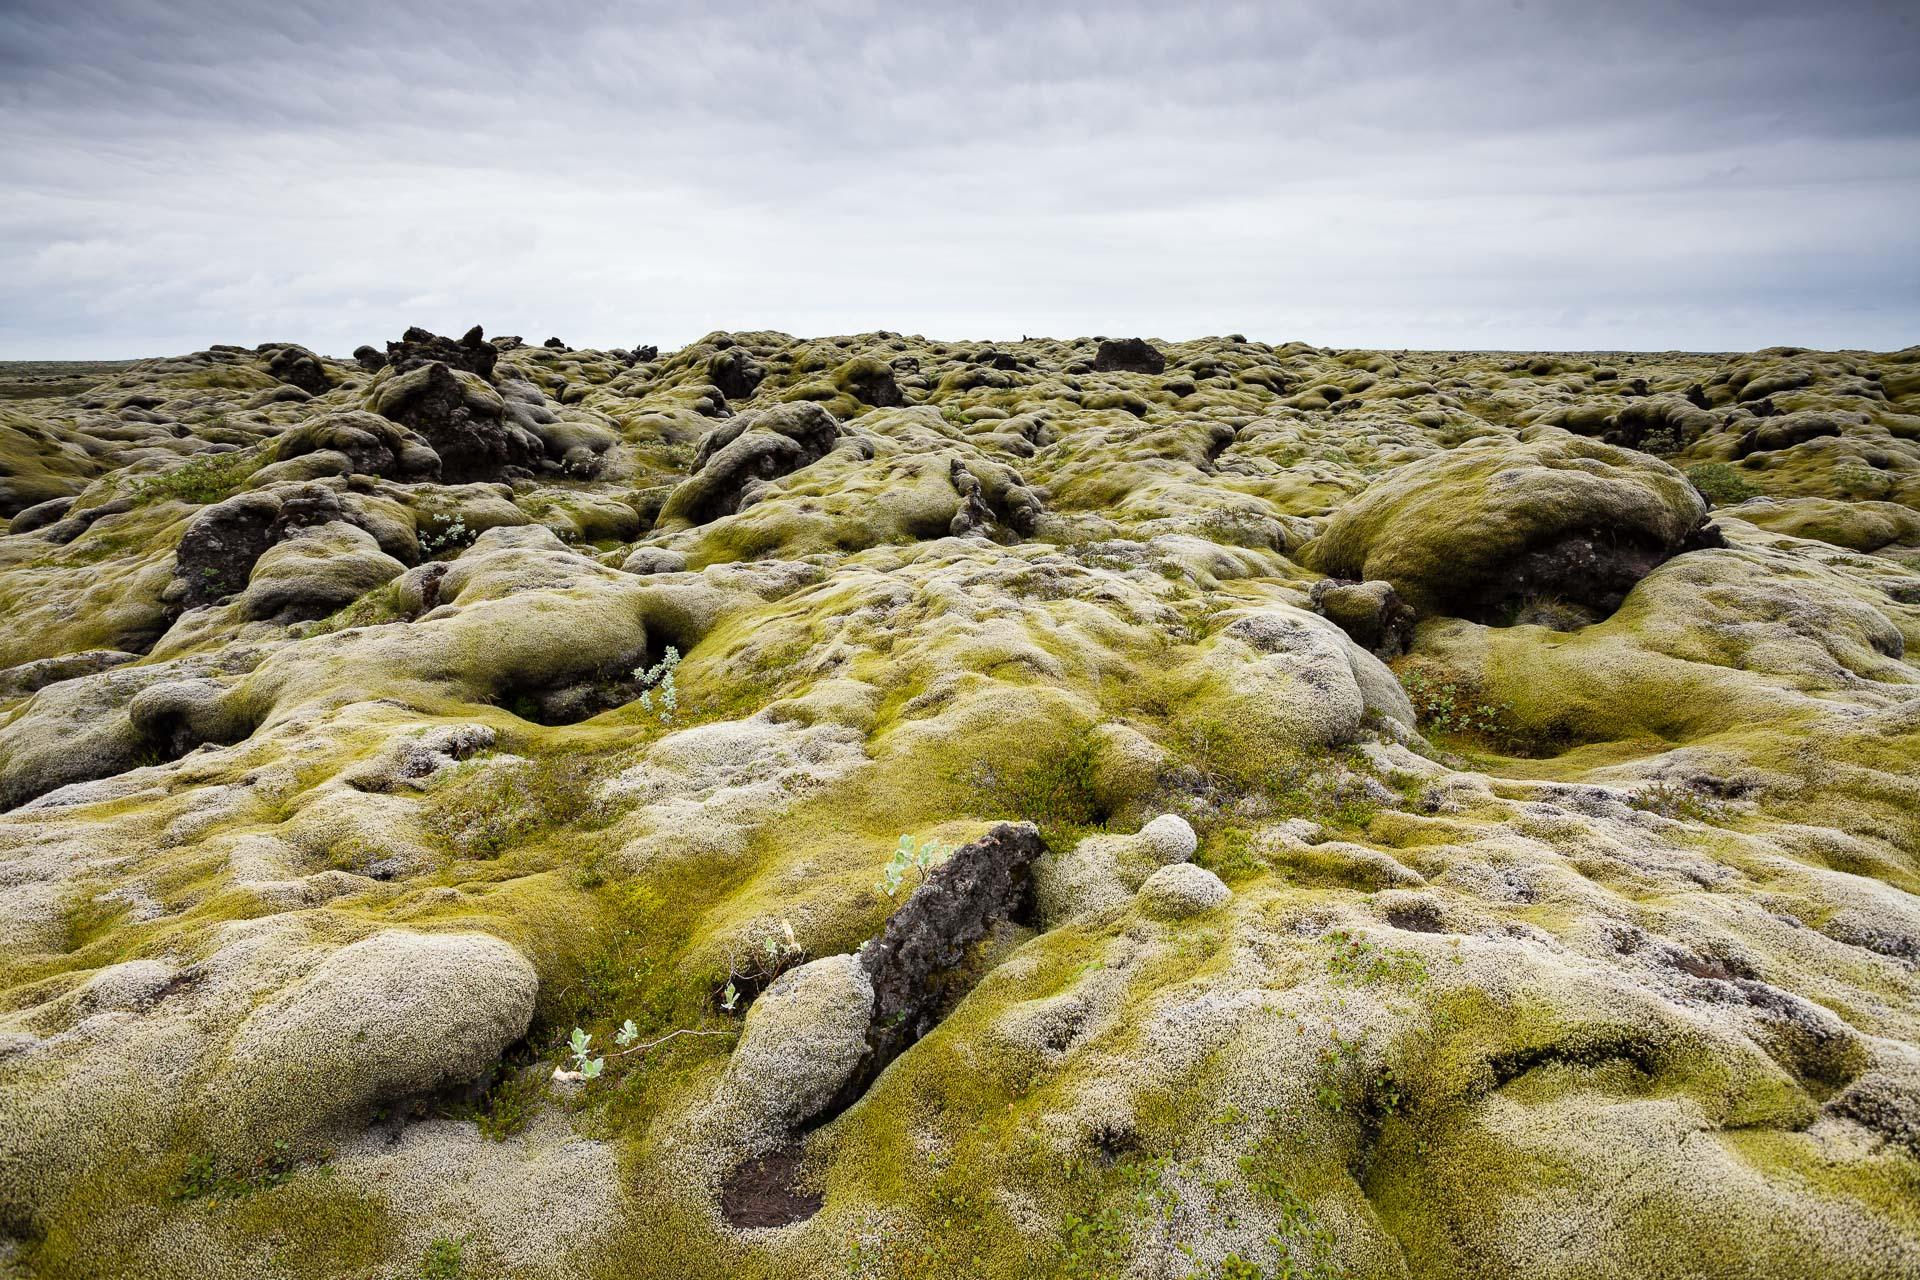 champ de lave couvert de mousse laineuse (Racomitrium lanuginosum) en Islande